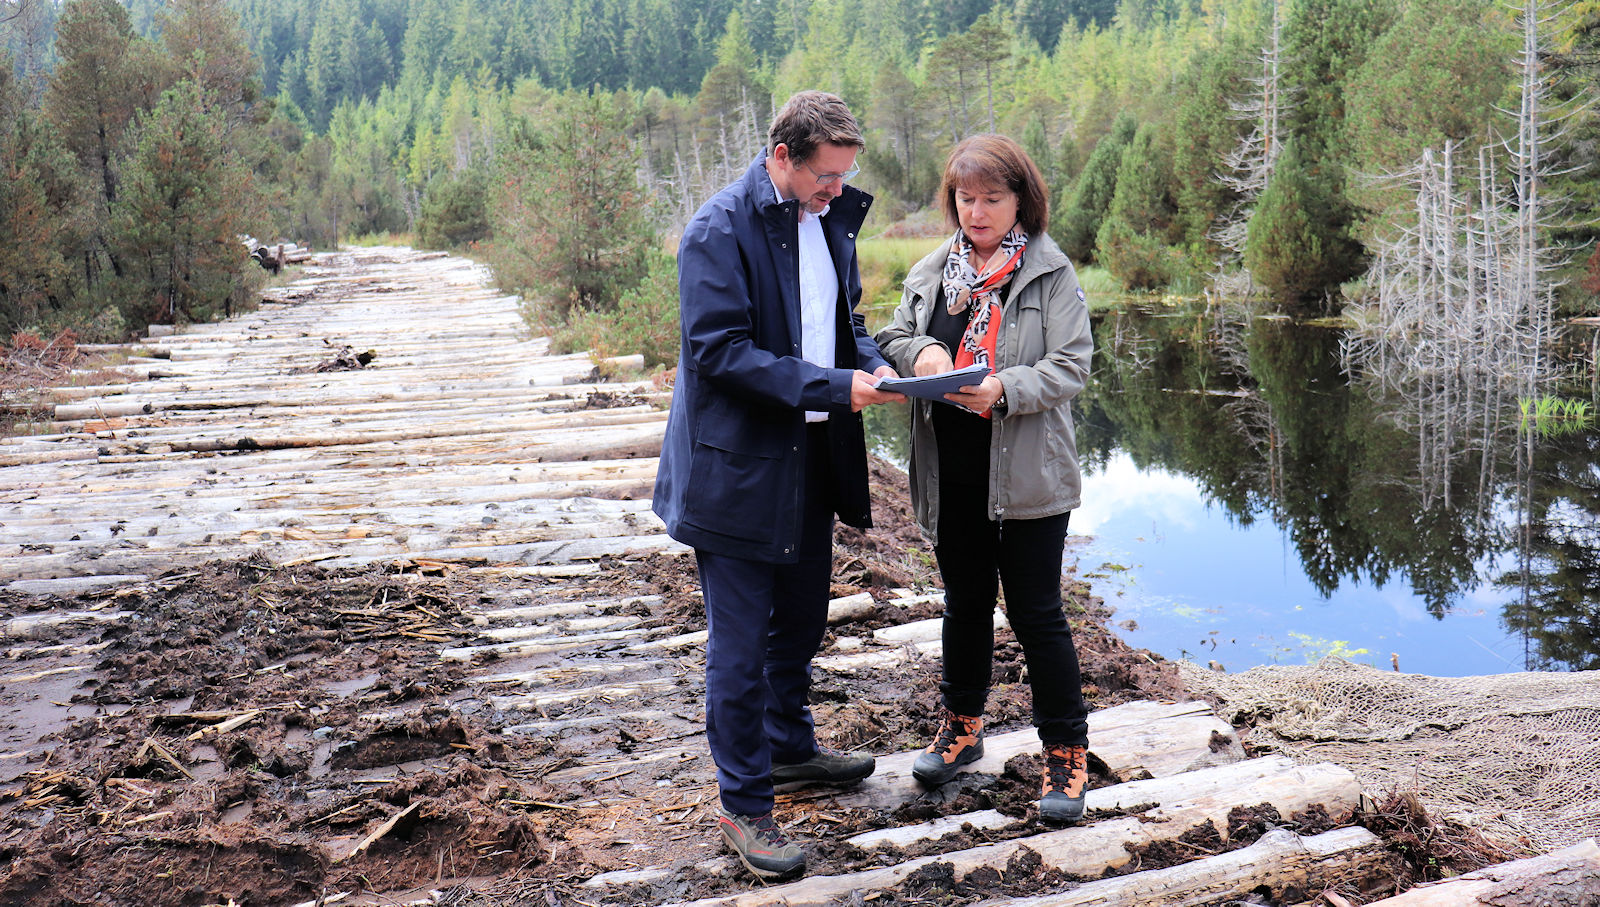 Beim Ortstermin im Schwindenmoos sprach Stephan Stracke mit Landrätin Maria Rita Zinnecker über die Projekte der Moorallianz Allgäu.